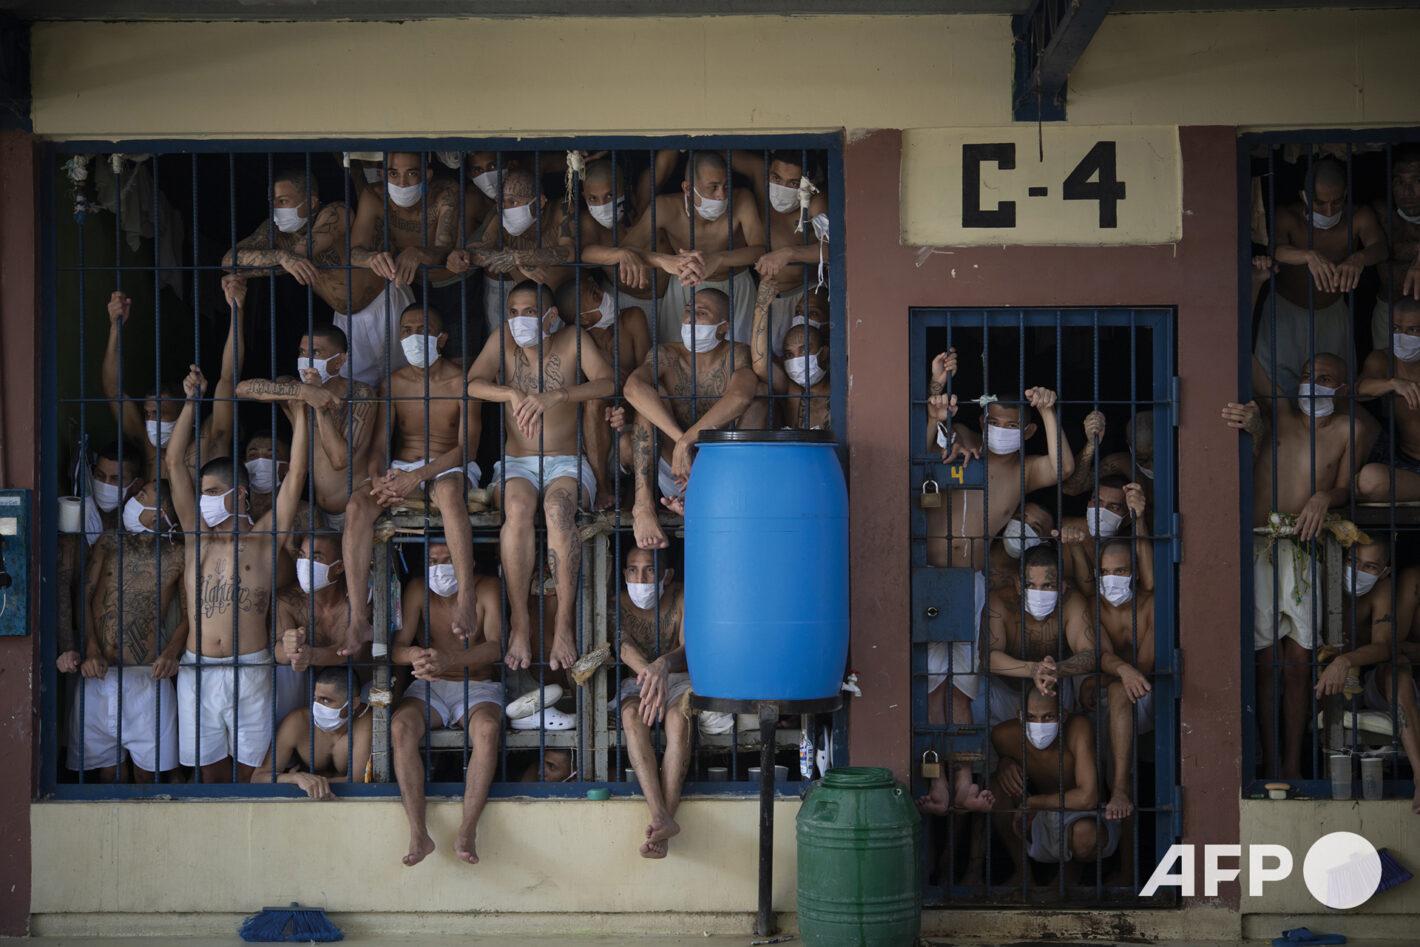 AFP 7 | Yuri CORTEZ 4 septembre 2020 – Quezaltepeque (République du Salvador)